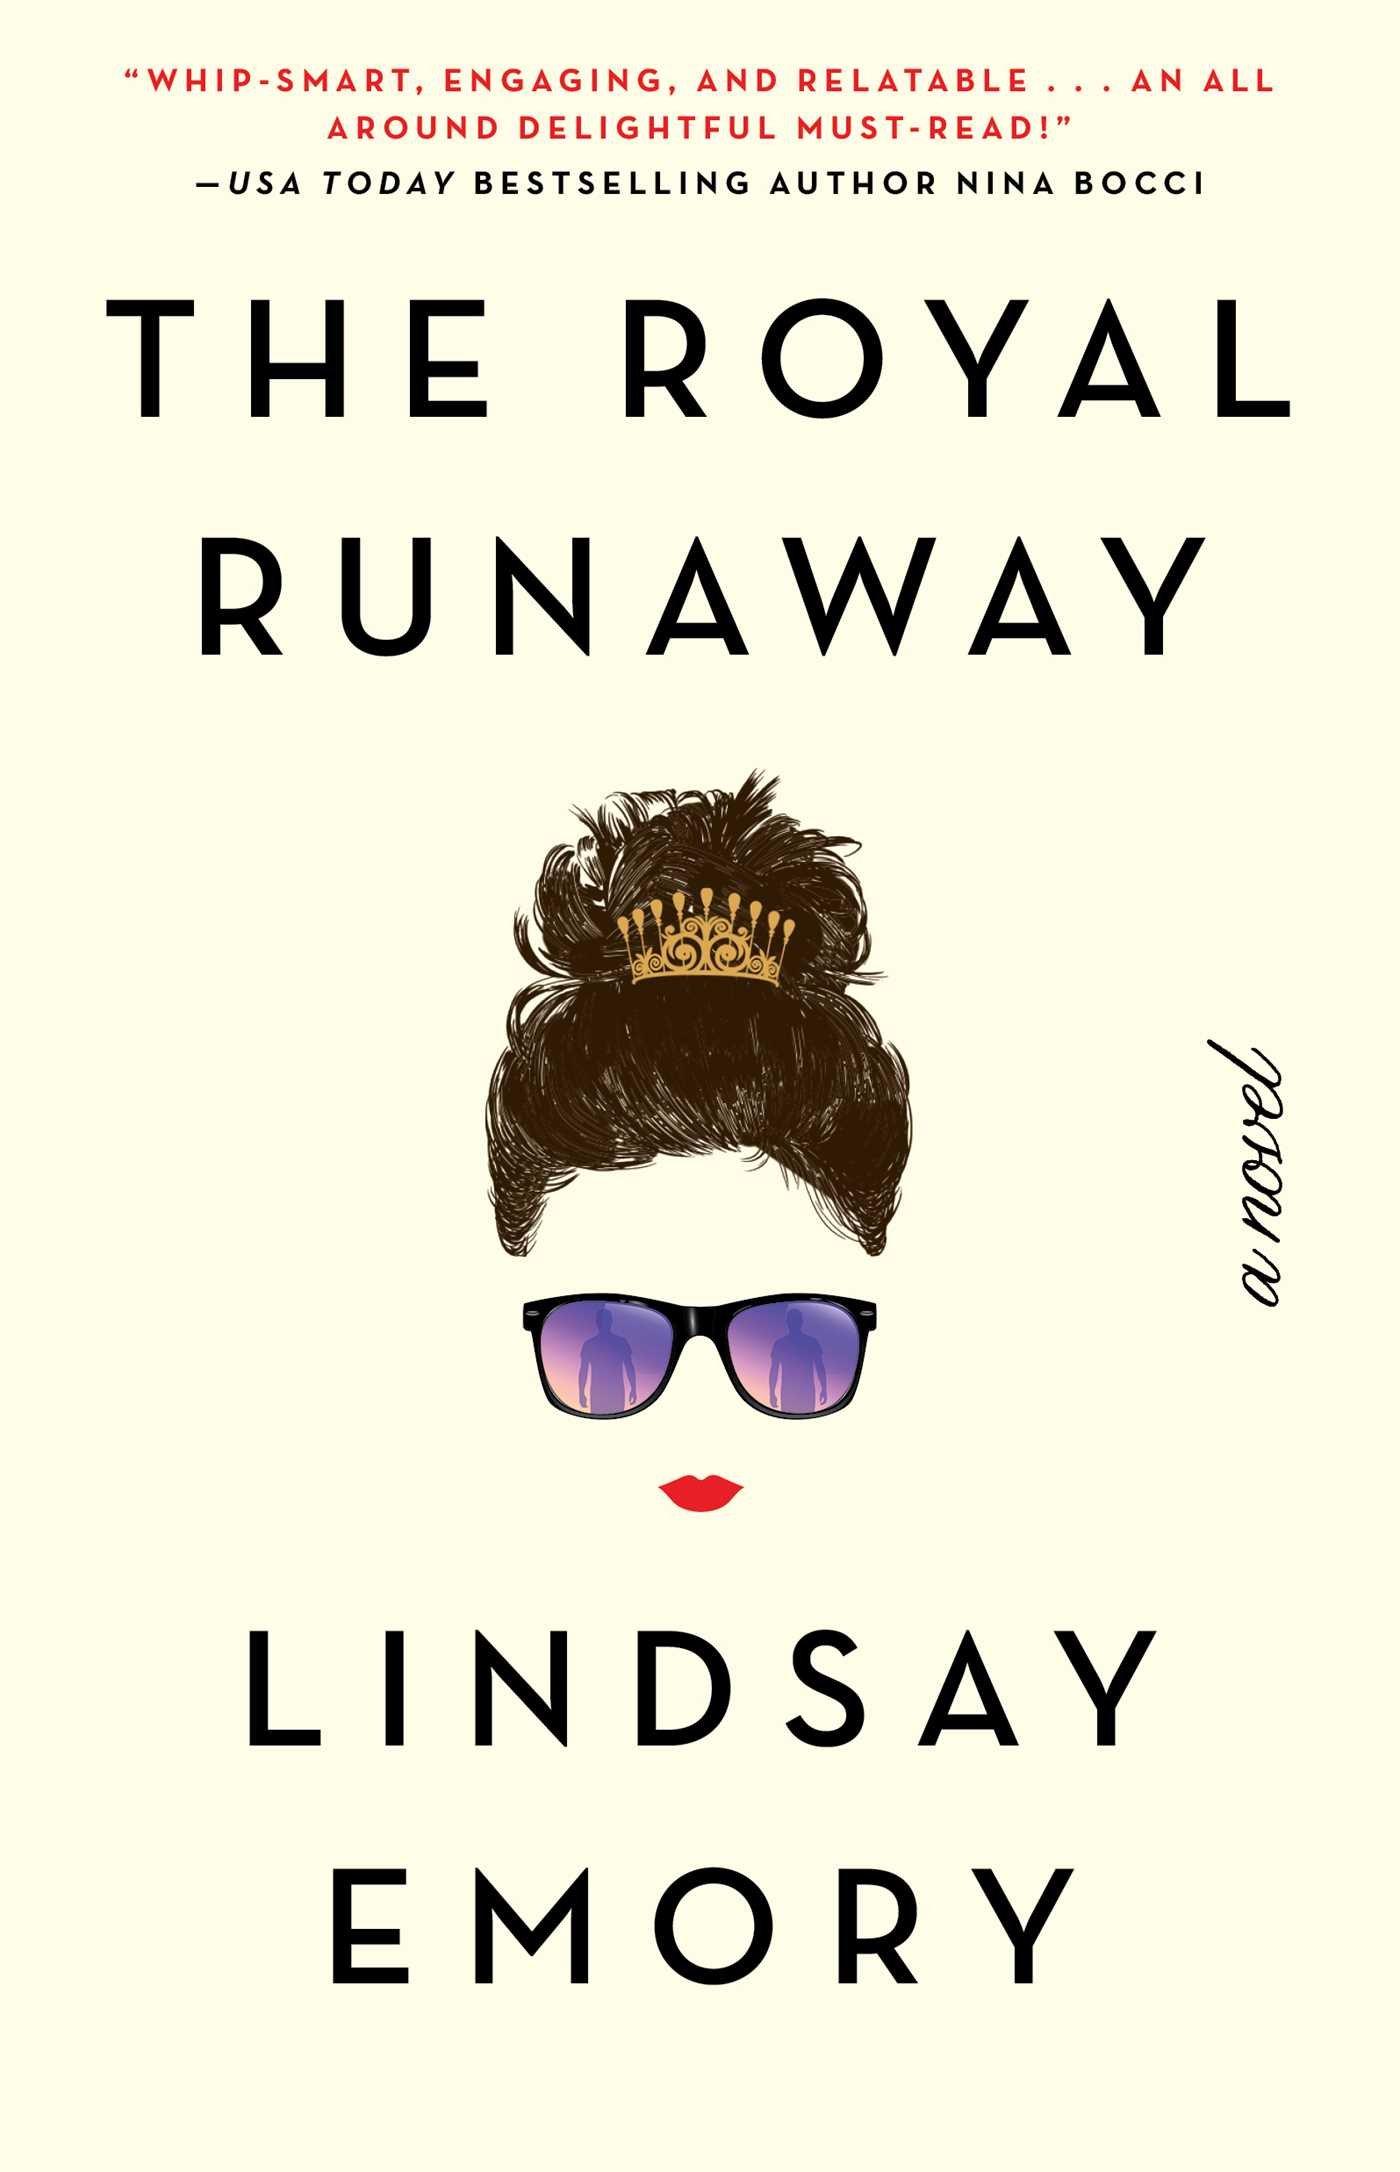 The Royal Runaway – Lindsay Emory